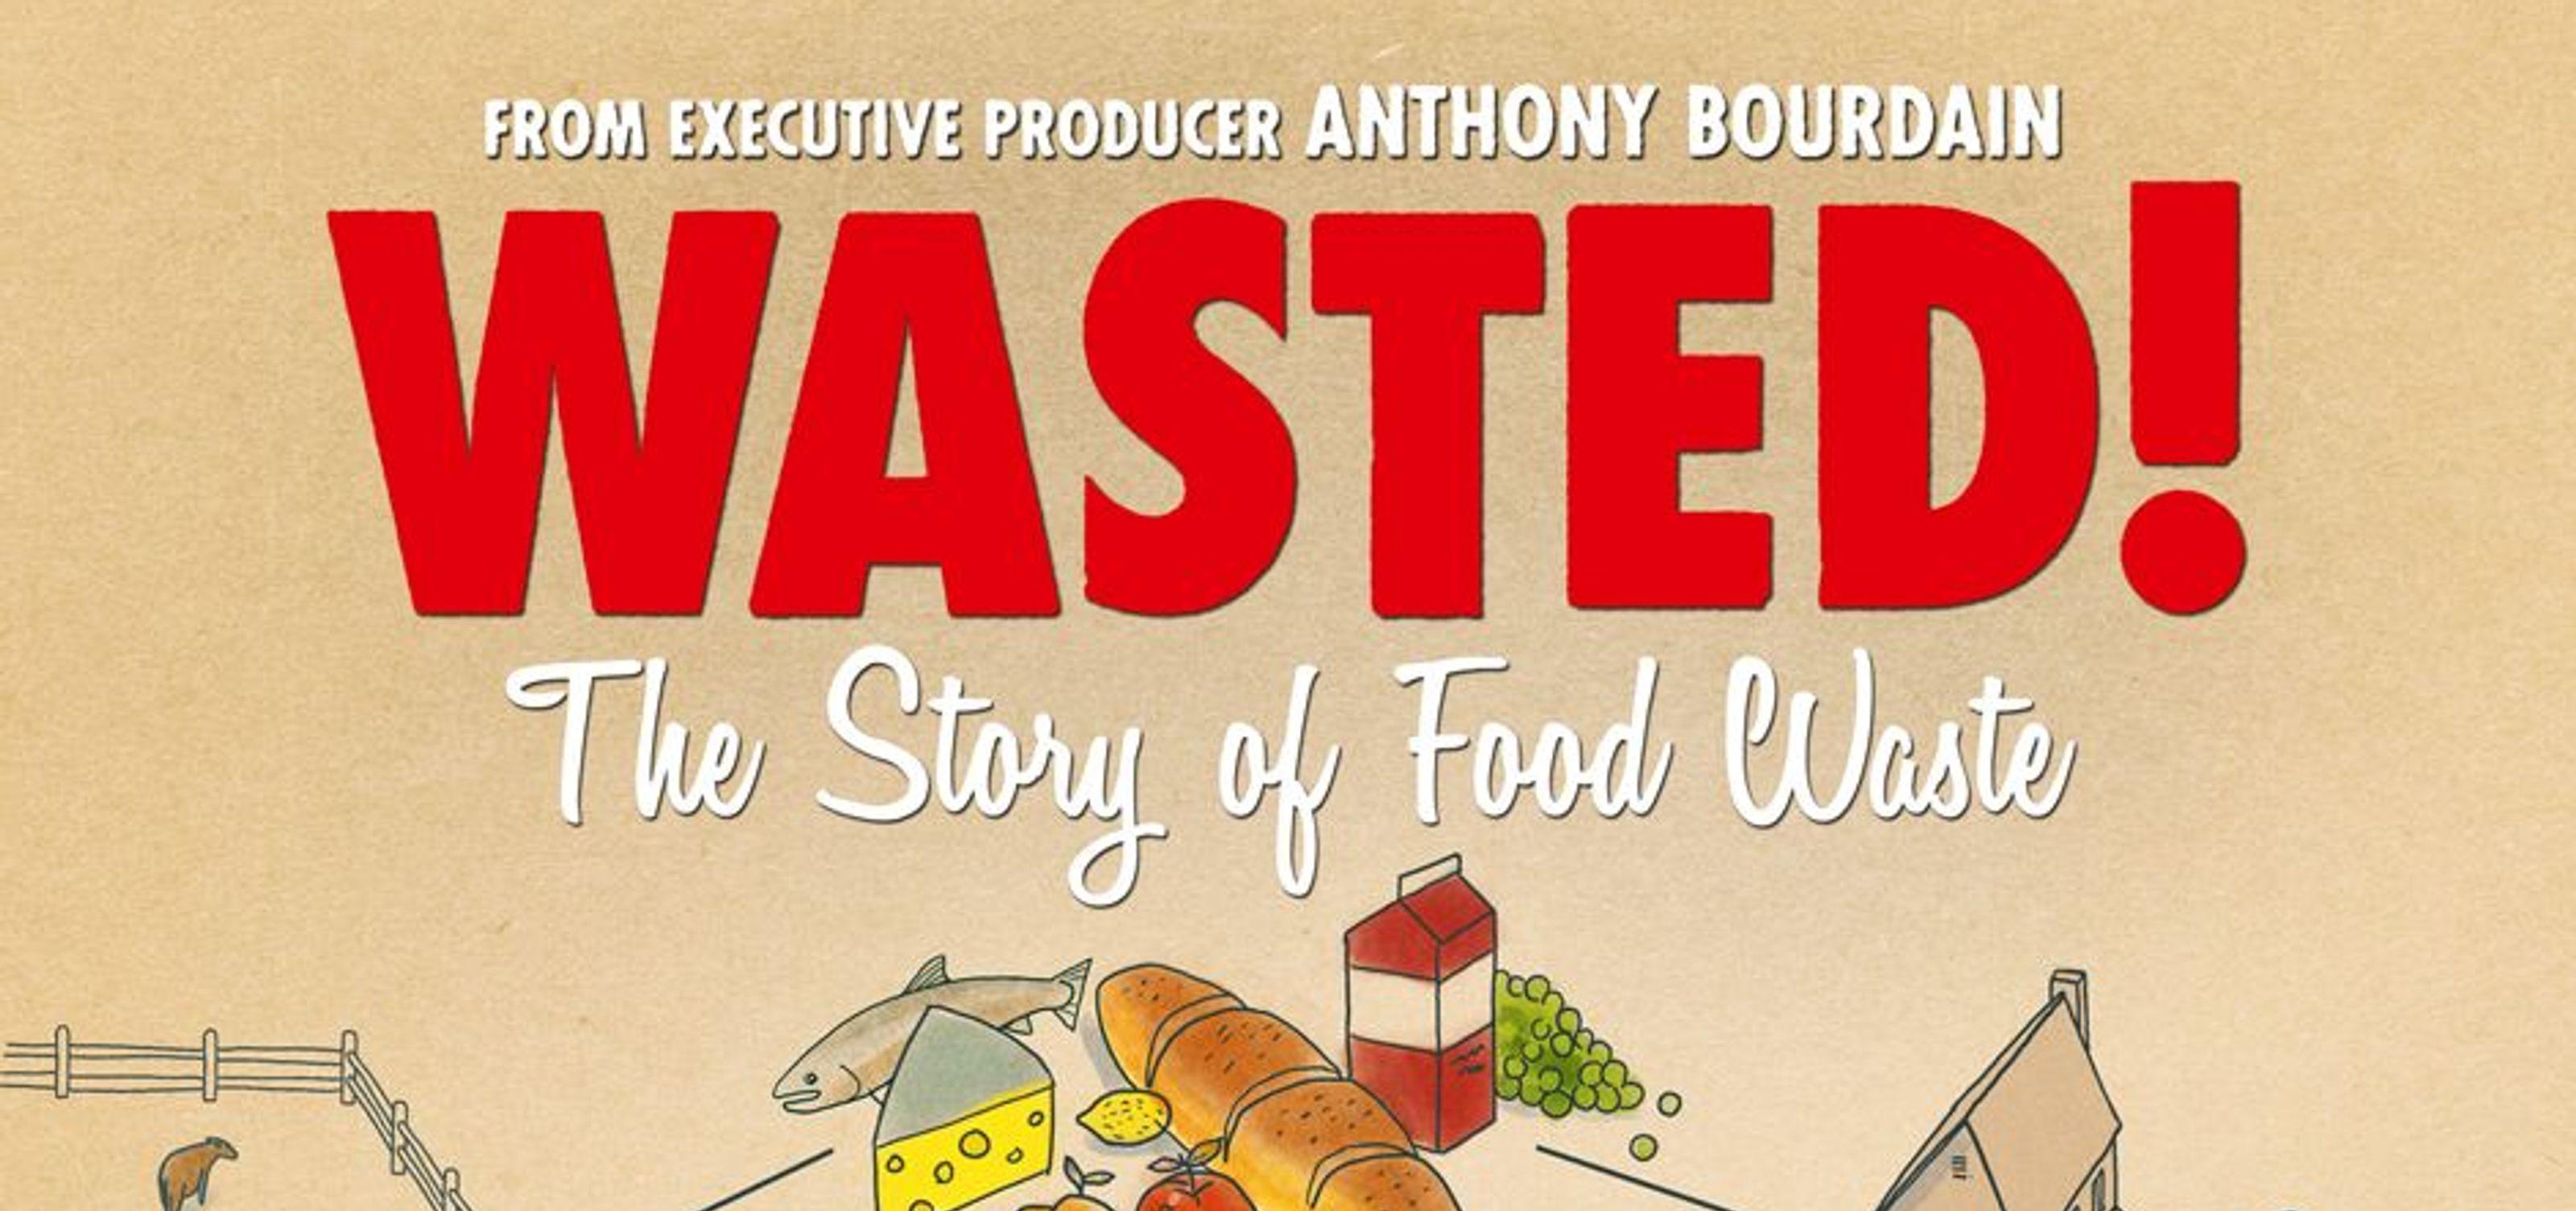 WASTED! The Story of Food Waste: ขยะอาหาร – สารคดีนี้มีคำถามถึงเราทุกคน